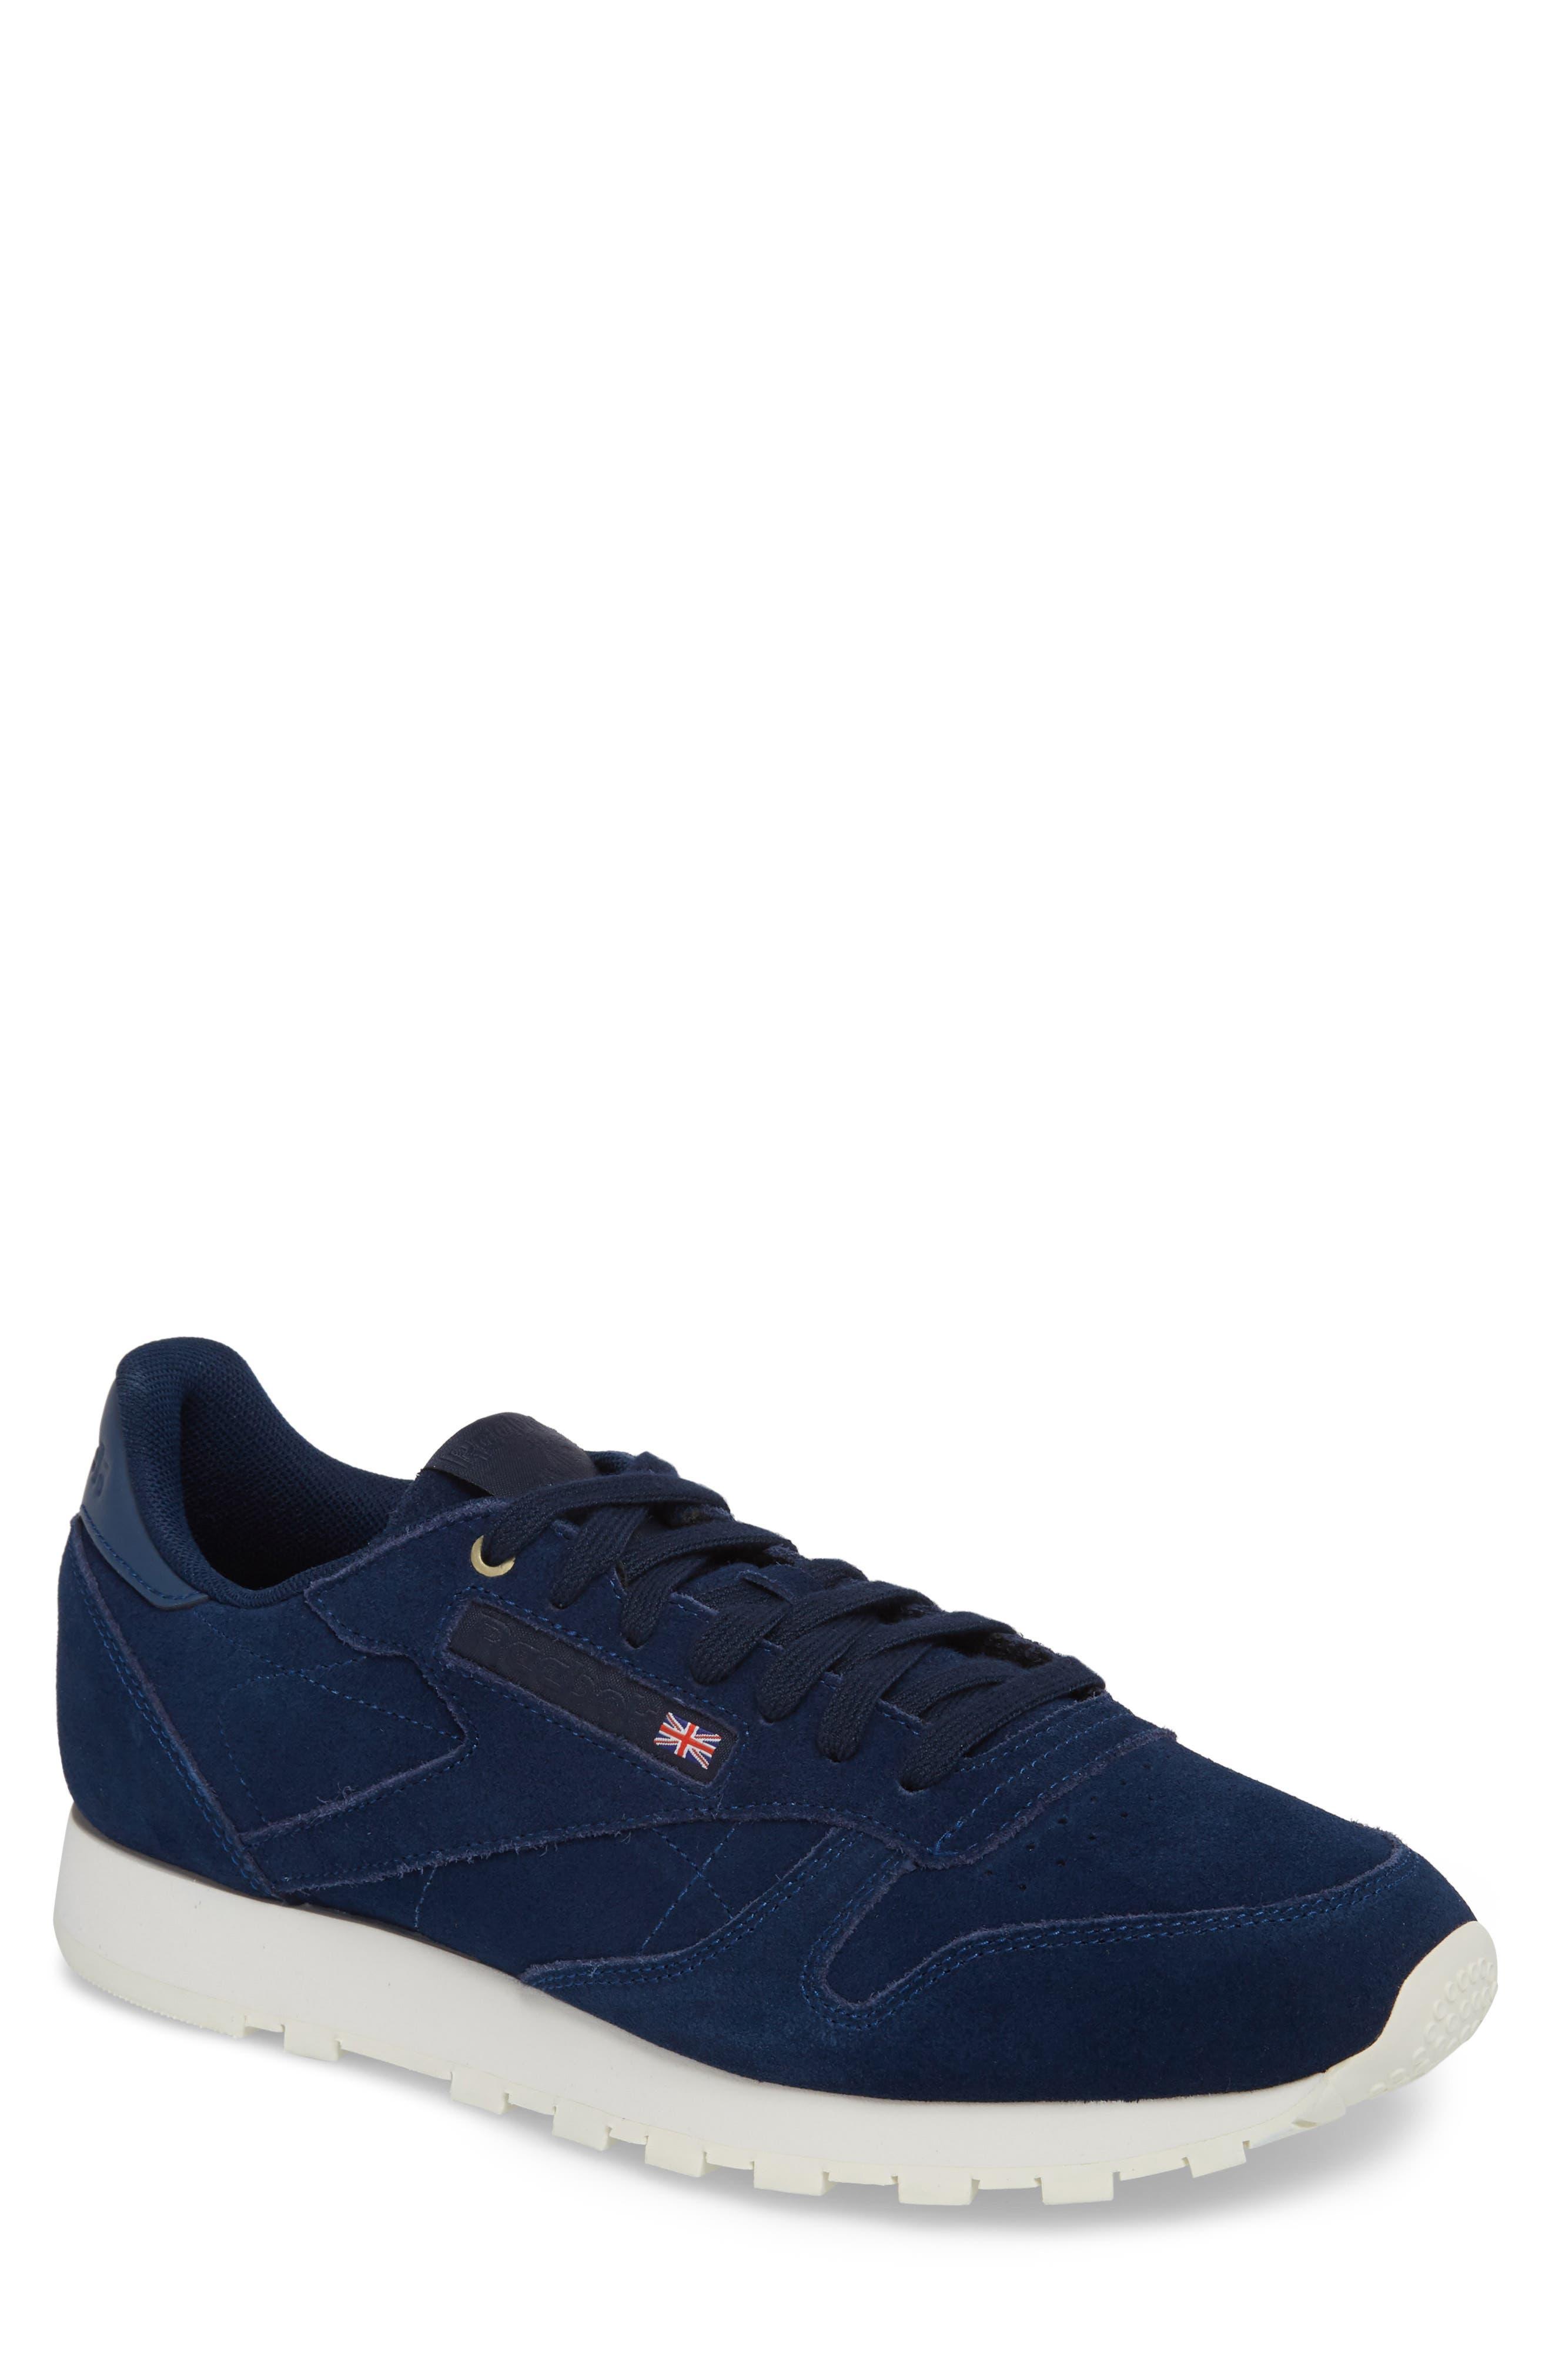 Reebok Classic Leather Low Top Sneaker (Men)